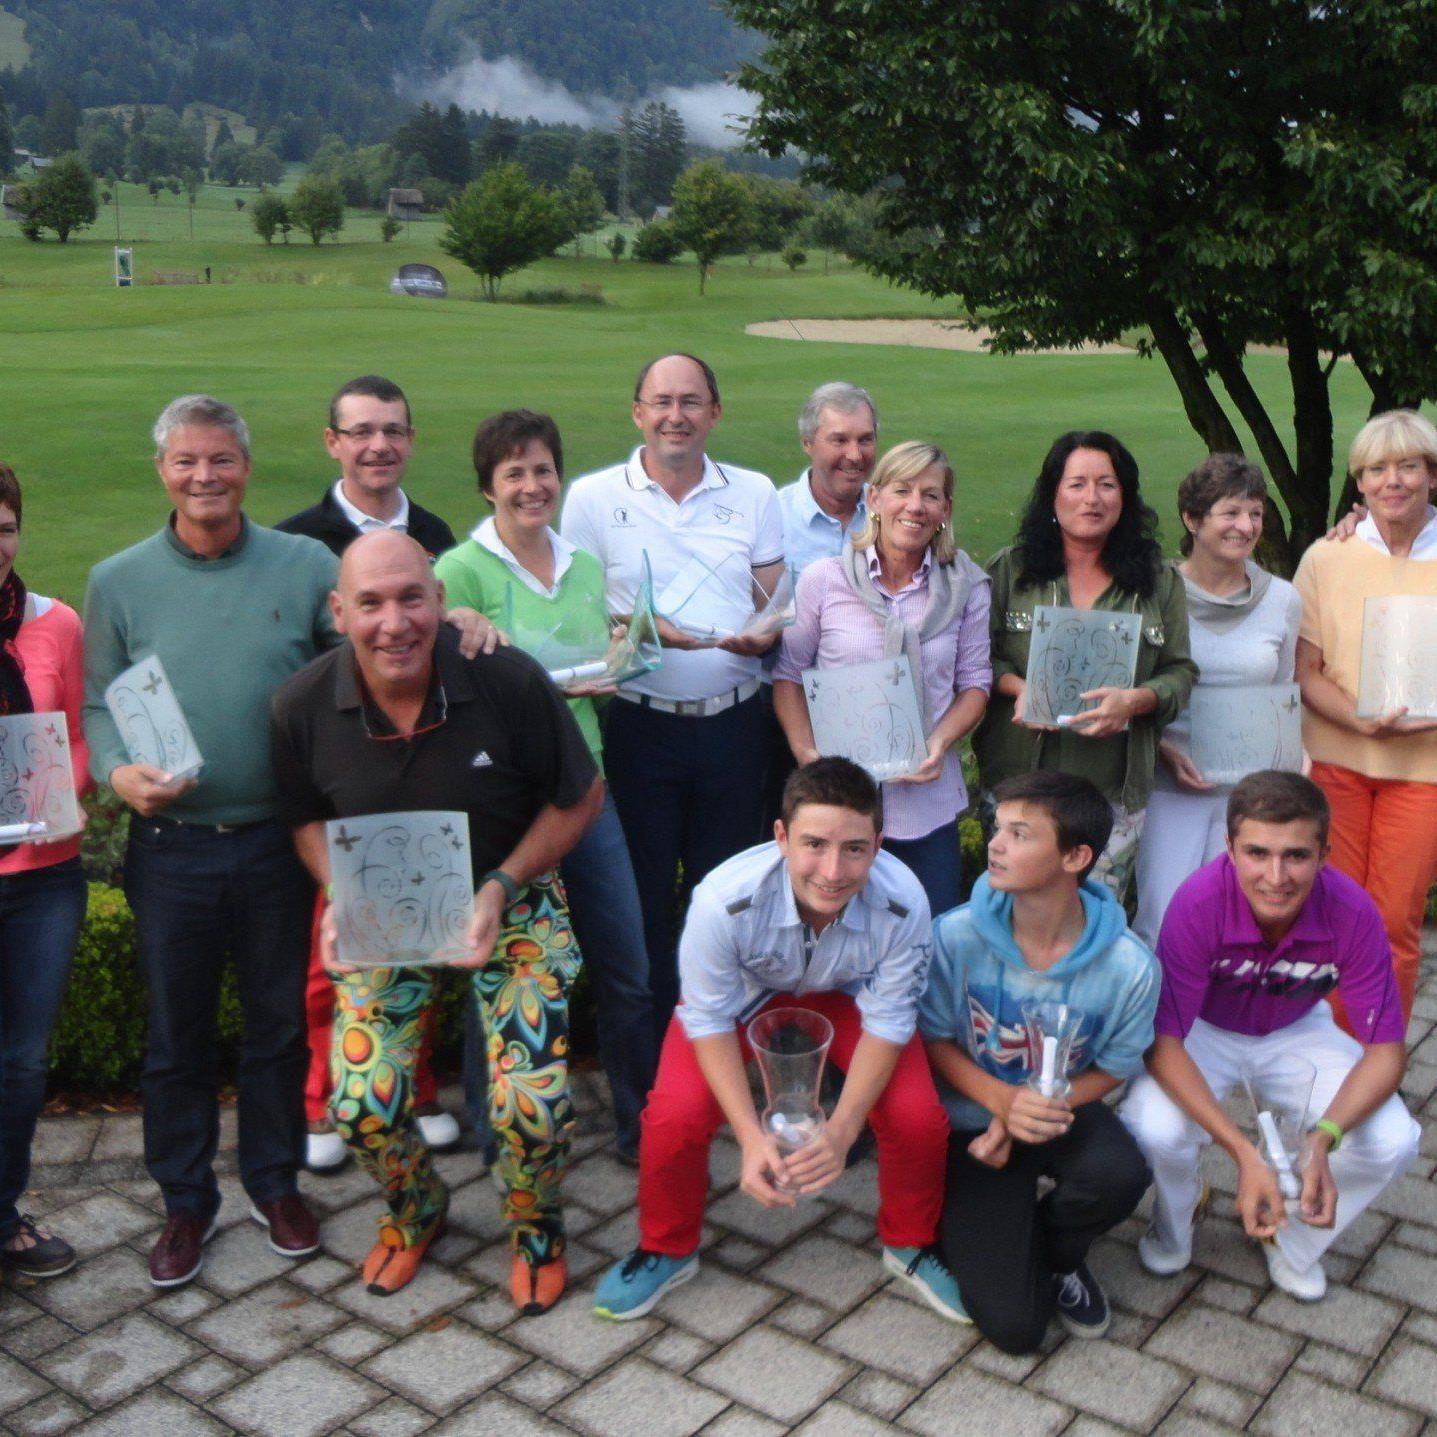 Die Sieger von den vereinseigenen Meisterschaften des GC Bludenz/Braz